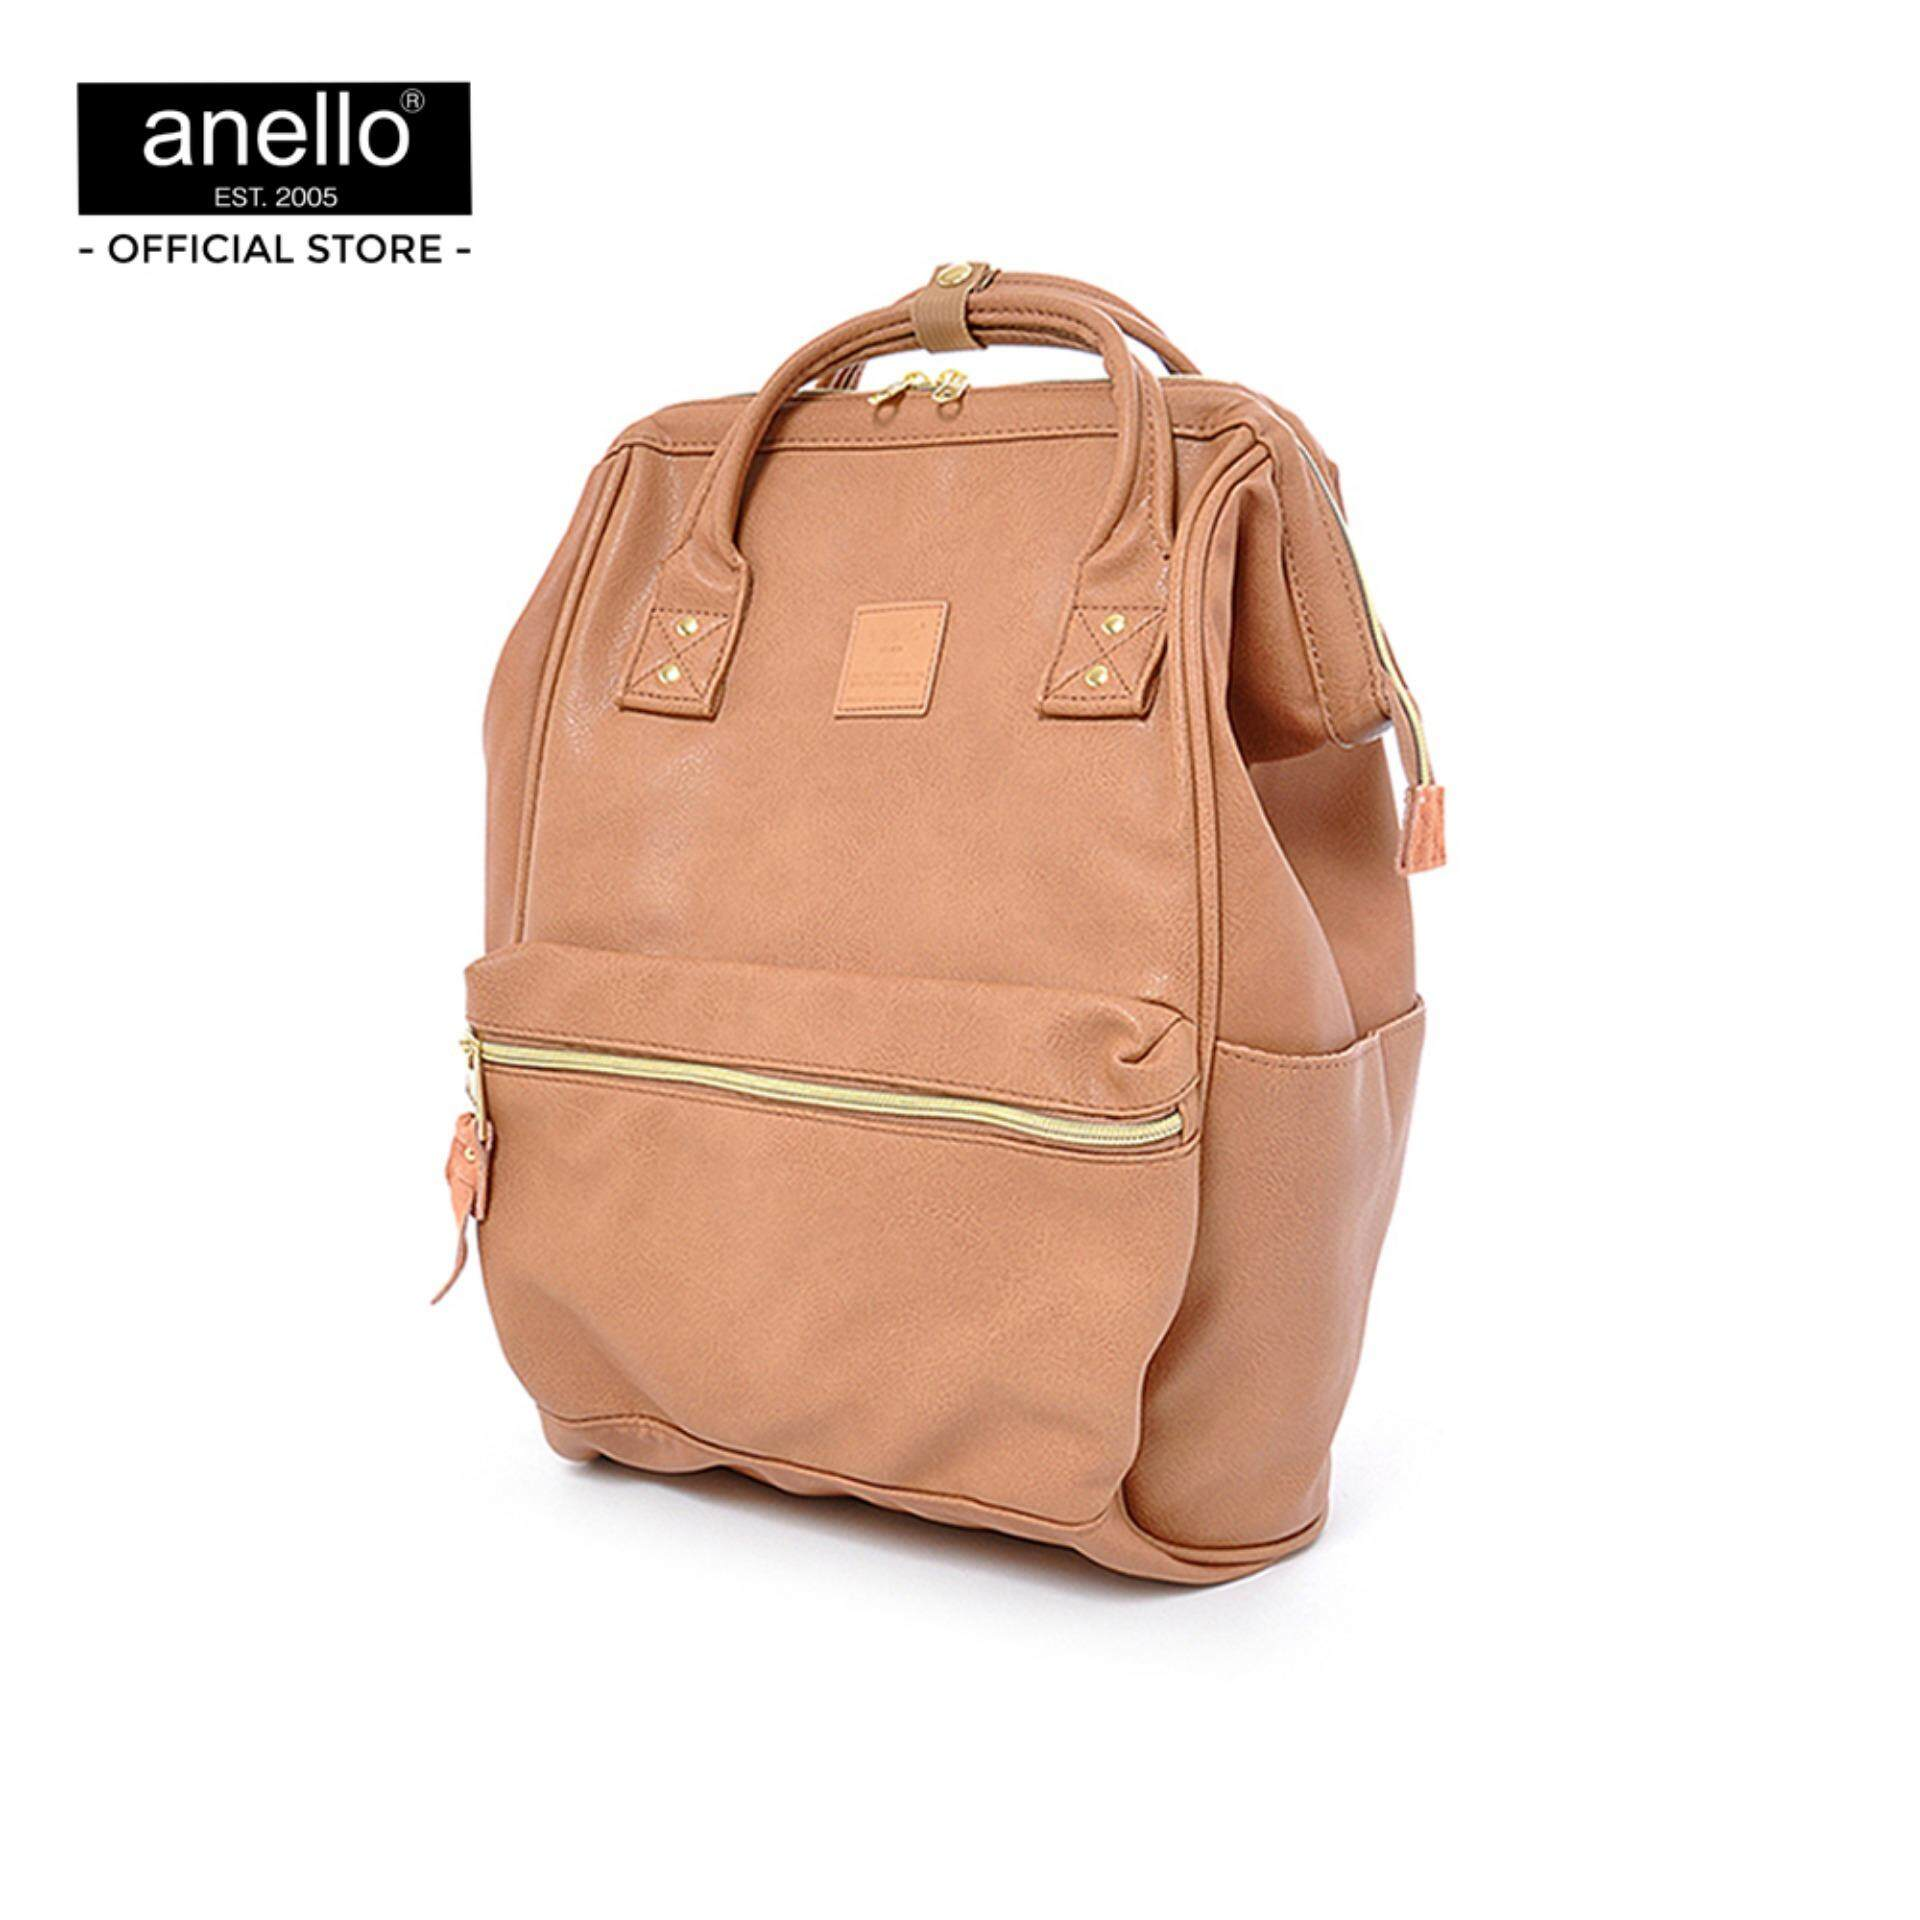 ยี่ห้อนี้ดีไหม  นนทบุรี anello กระเป๋า เป้ REG PU Backpack_AT-B1211